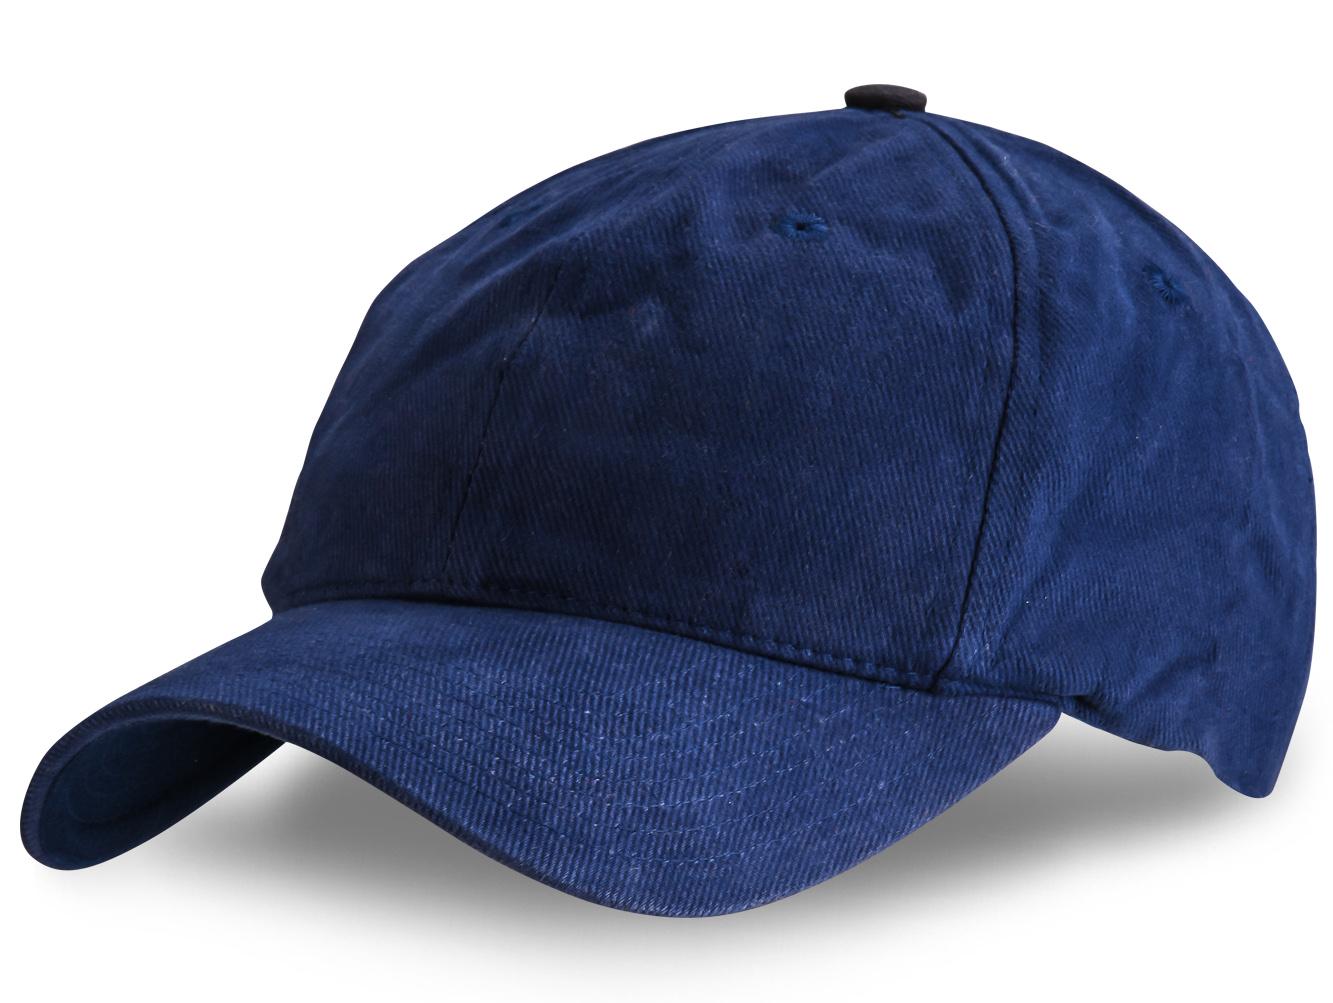 Кепка синяя - заказать с доставкой в интернет-магазине